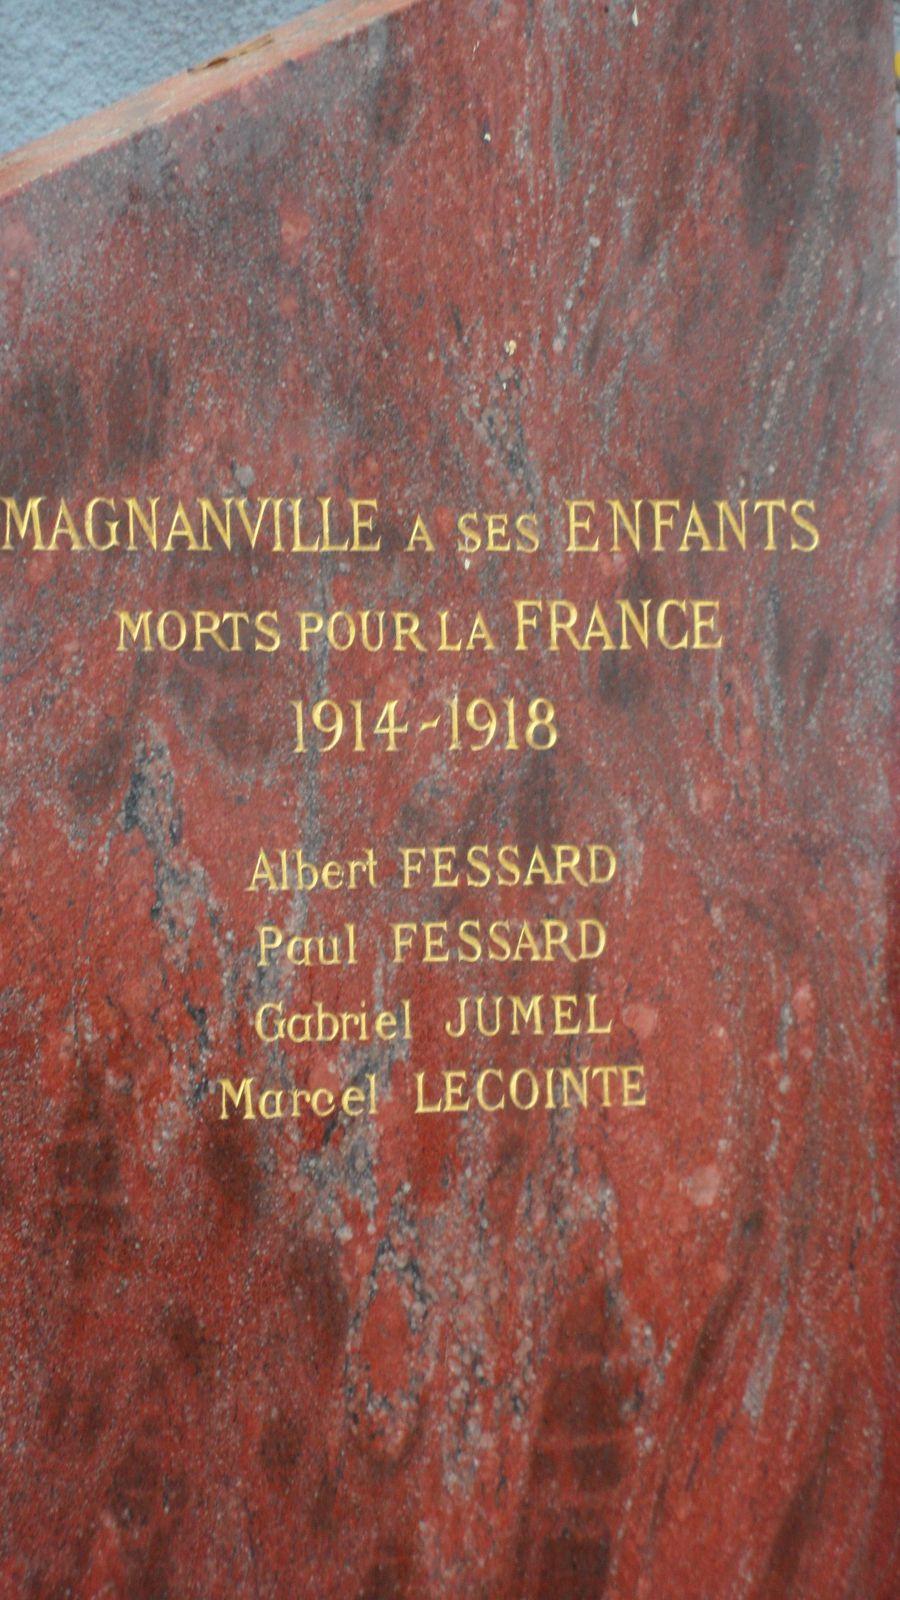 Cérémonie du 11 novembre à Magnanville